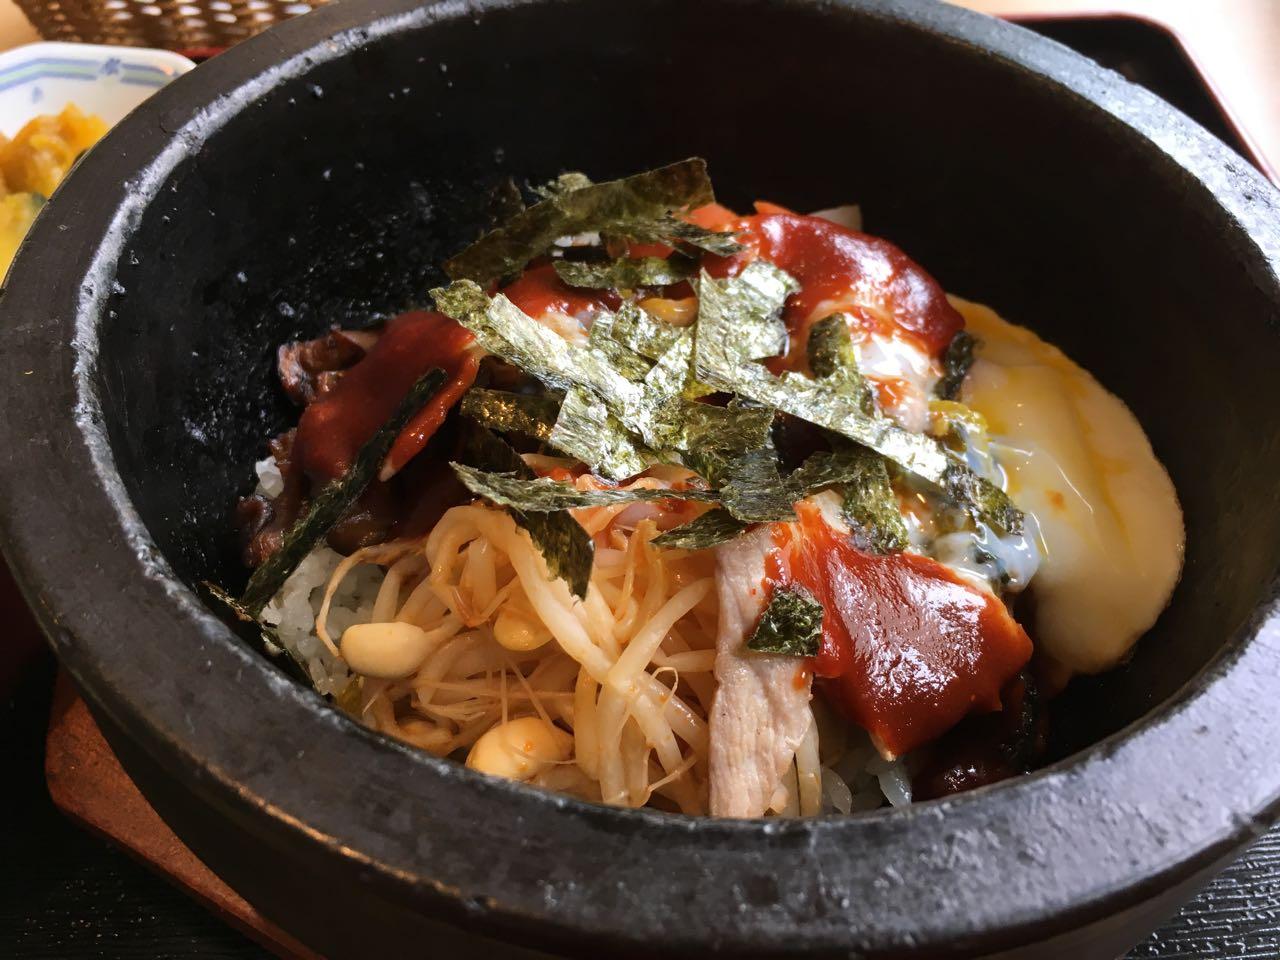 みとん今治,今治城,さくら,韓国料理,枝堀町